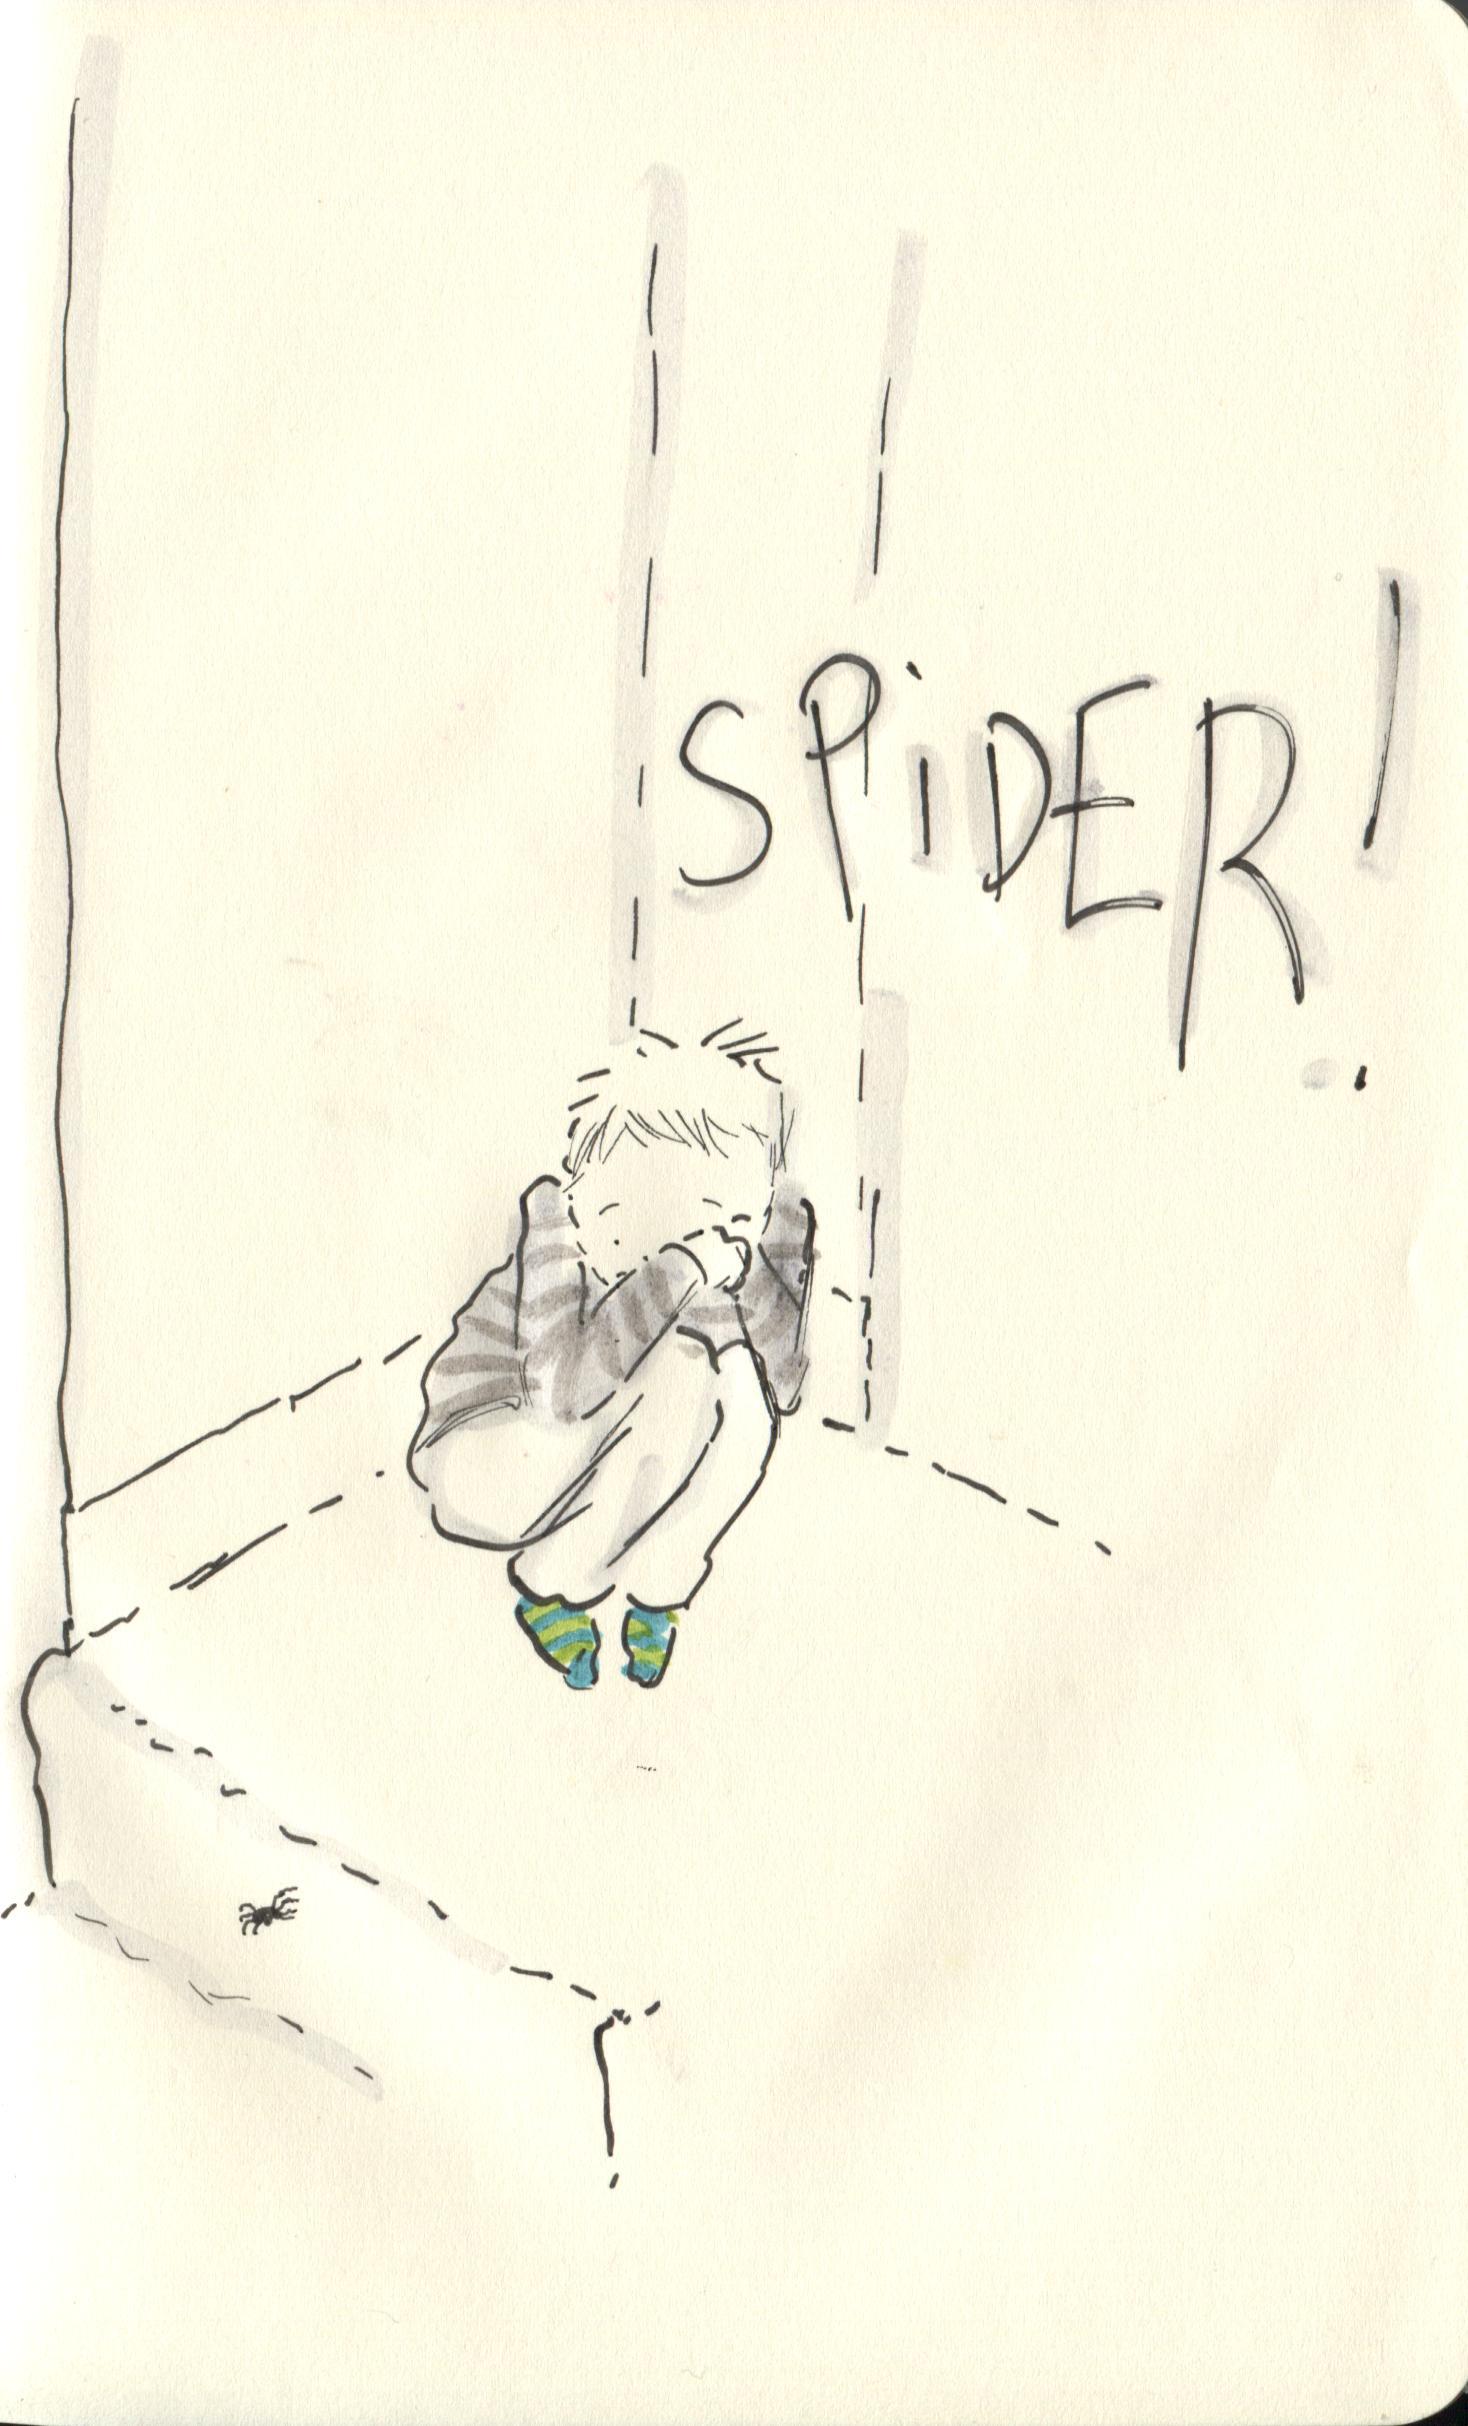 aaah spider